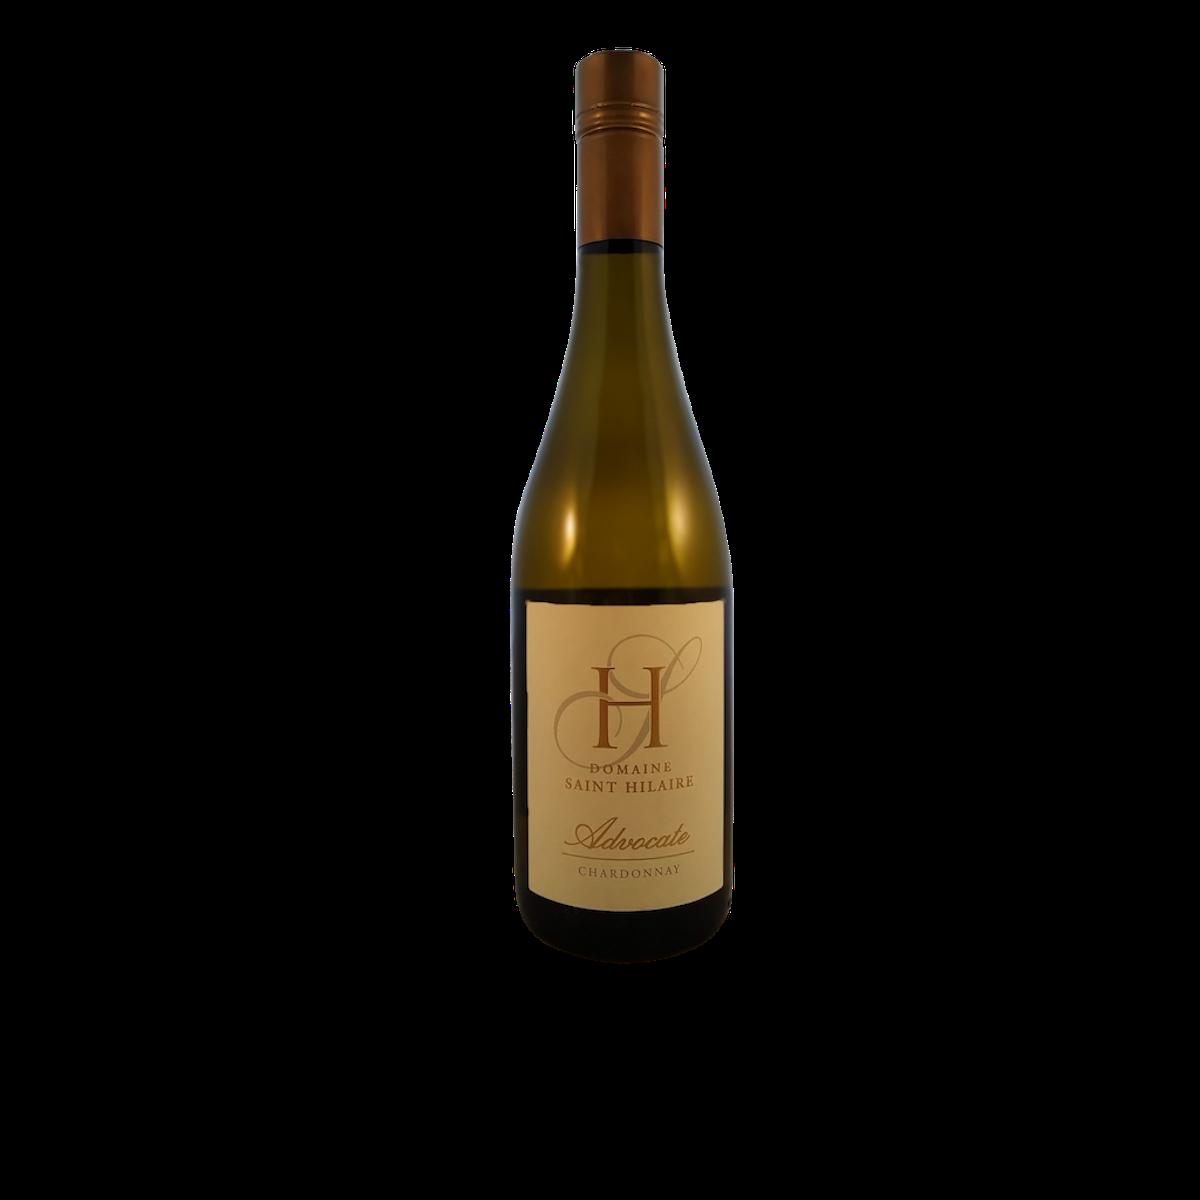 Chardonnay Advocate, VDP d'Oc, Domaine St. Hilaire, 2018